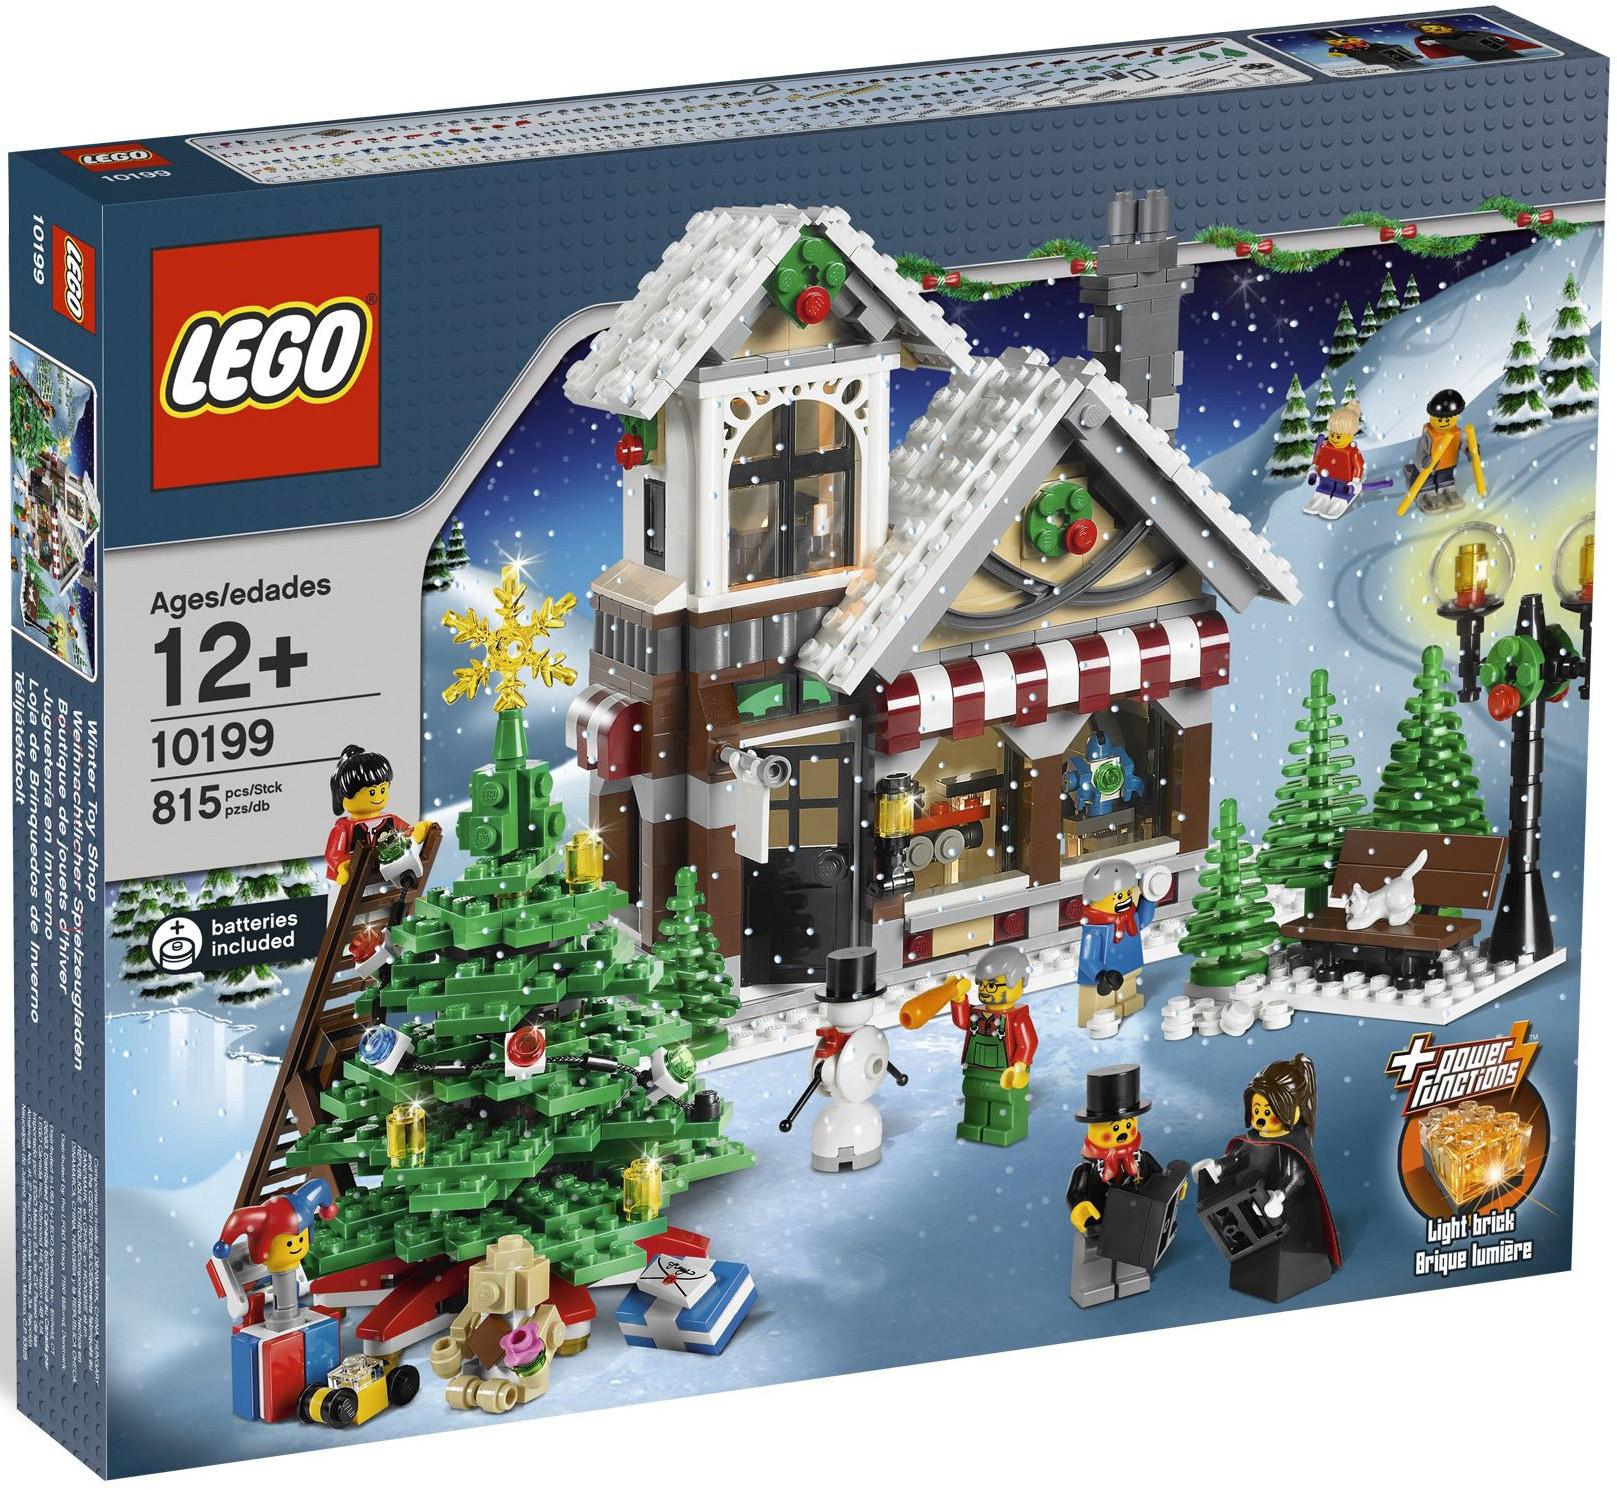 lego-creator-expert-winterlicher-spielzeugladen-10199-box-2009 zusammengebaut.com